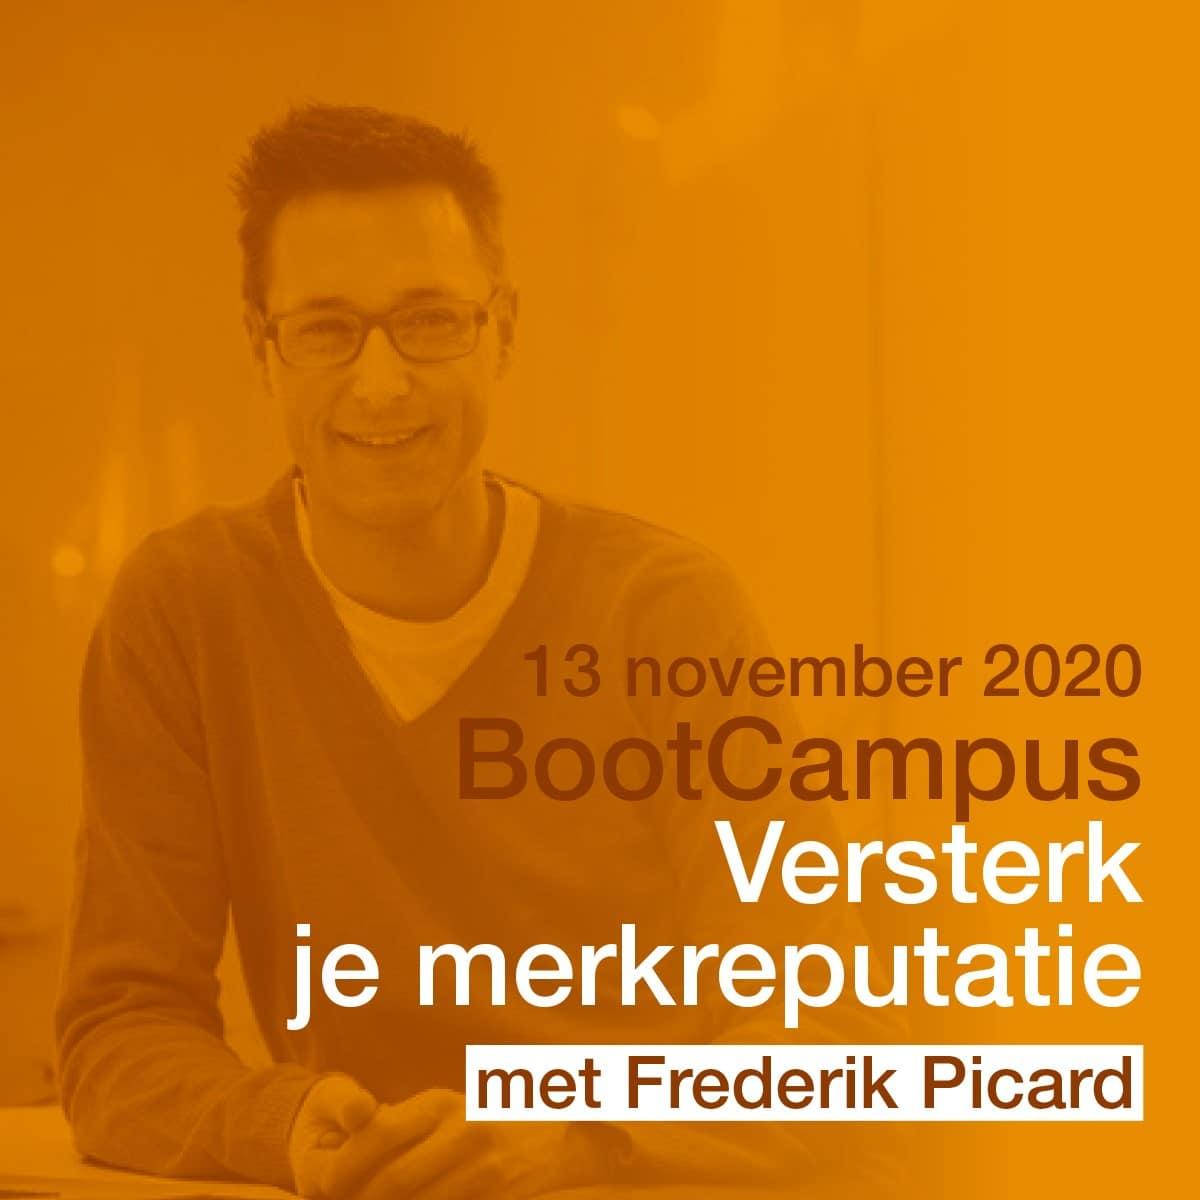 BootCampus LannooCampus Merkreputatie Frederik Picard